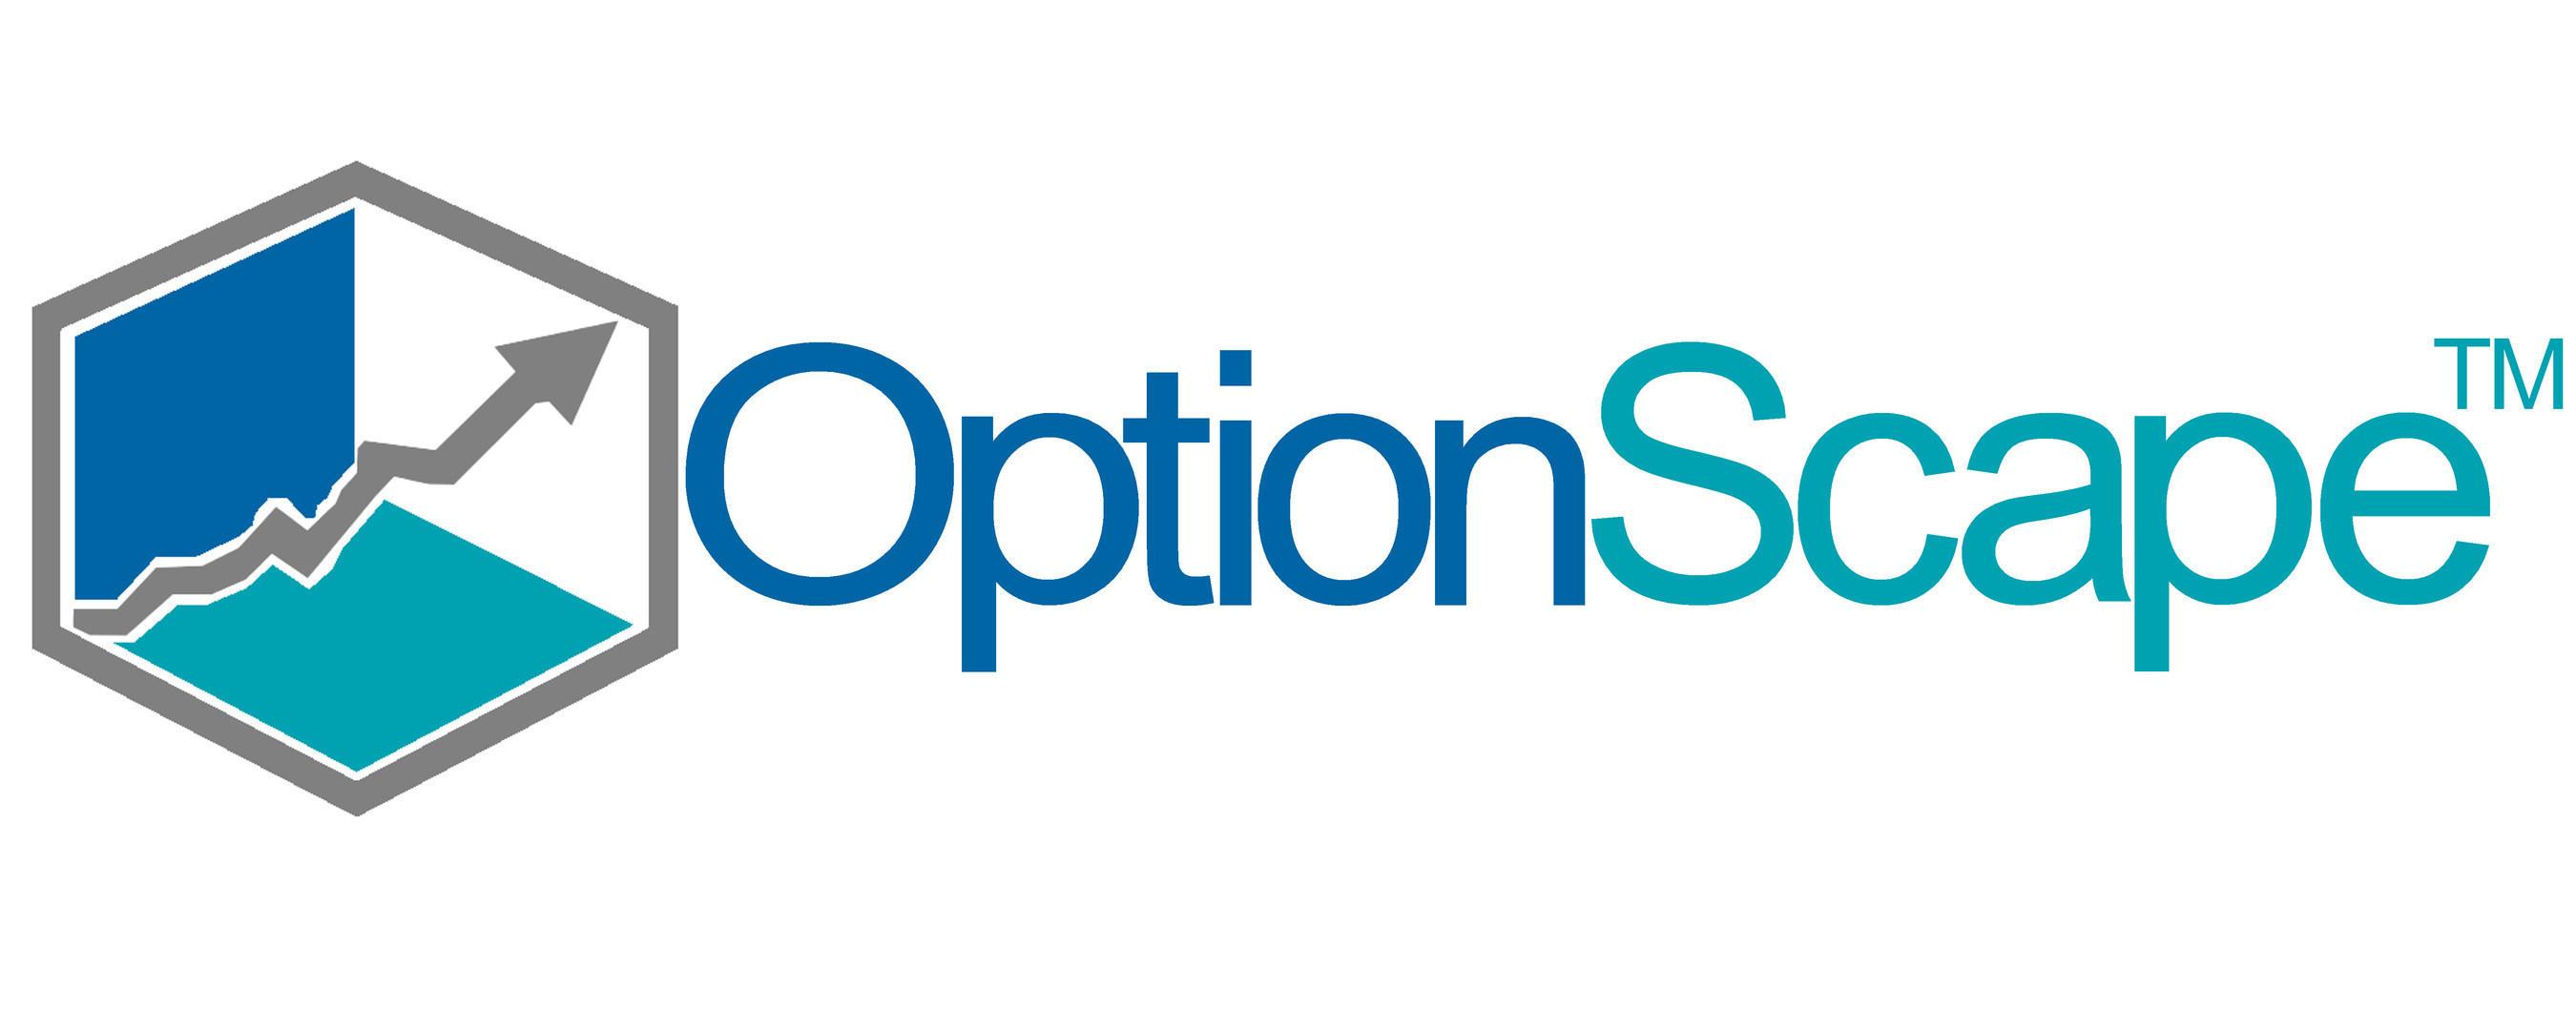 OptionScape™ Announces Compatibility with Thomson Reuters Eikon